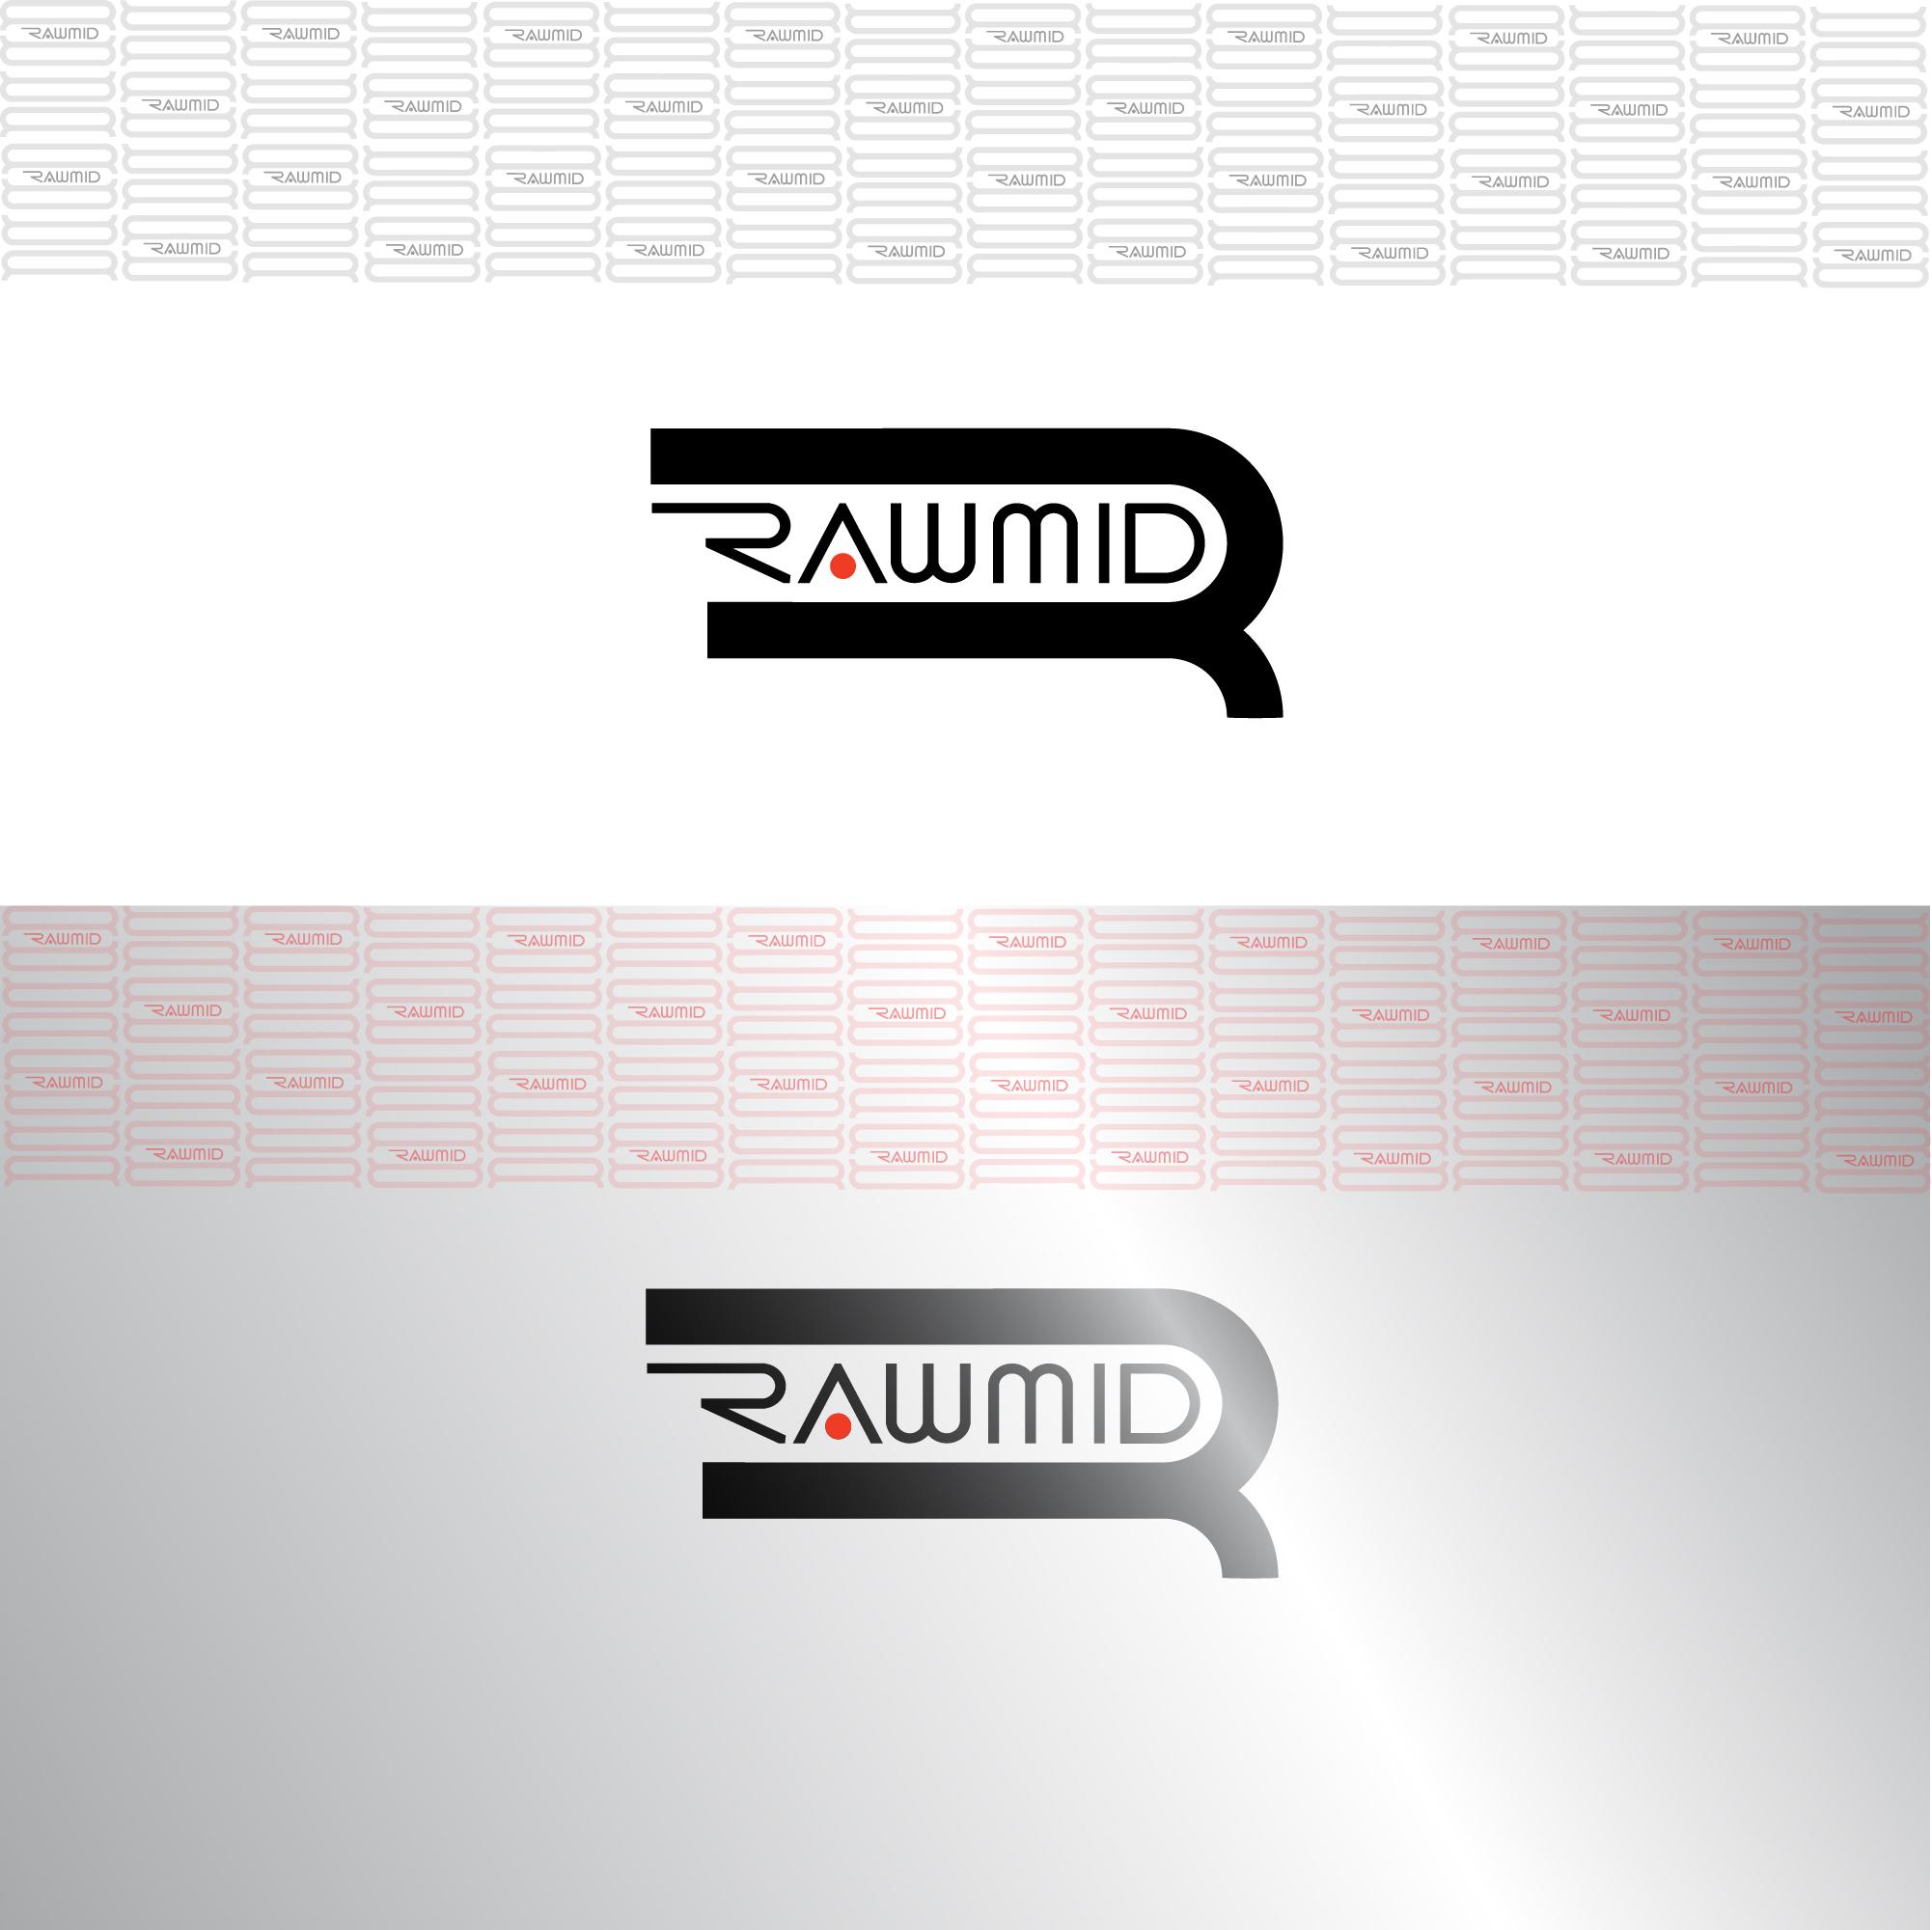 Создать логотип (буквенная часть) для бренда бытовой техники фото f_4615b4998b418a35.jpg